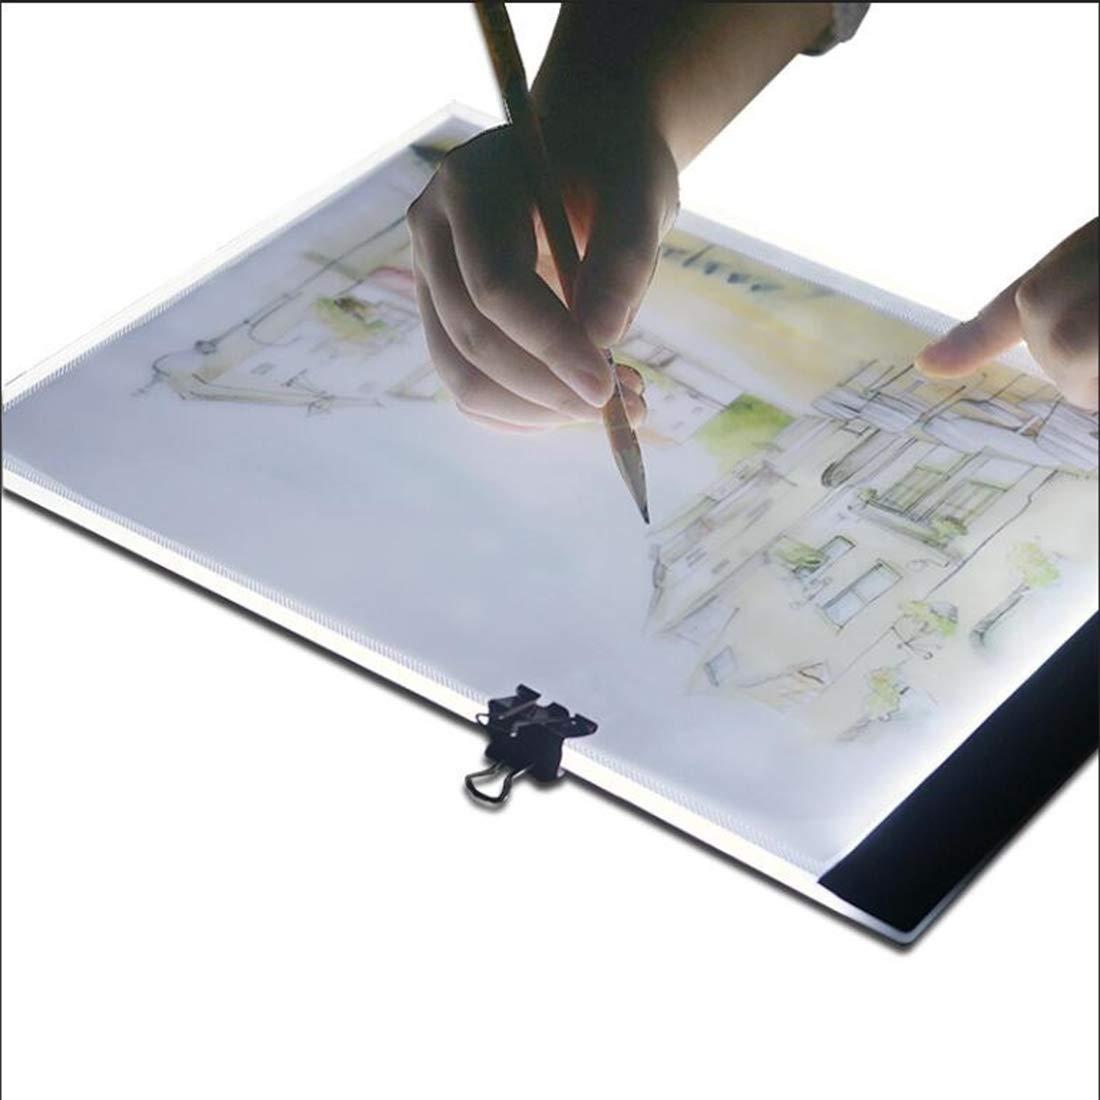 LED Artcraft トレーシングライトボックス コピーボード 明るさコントロール アーティスト スケッチ アニメーション X線表示 超薄型 A4サイズ ポータブルUSB   B07MCSRG4G